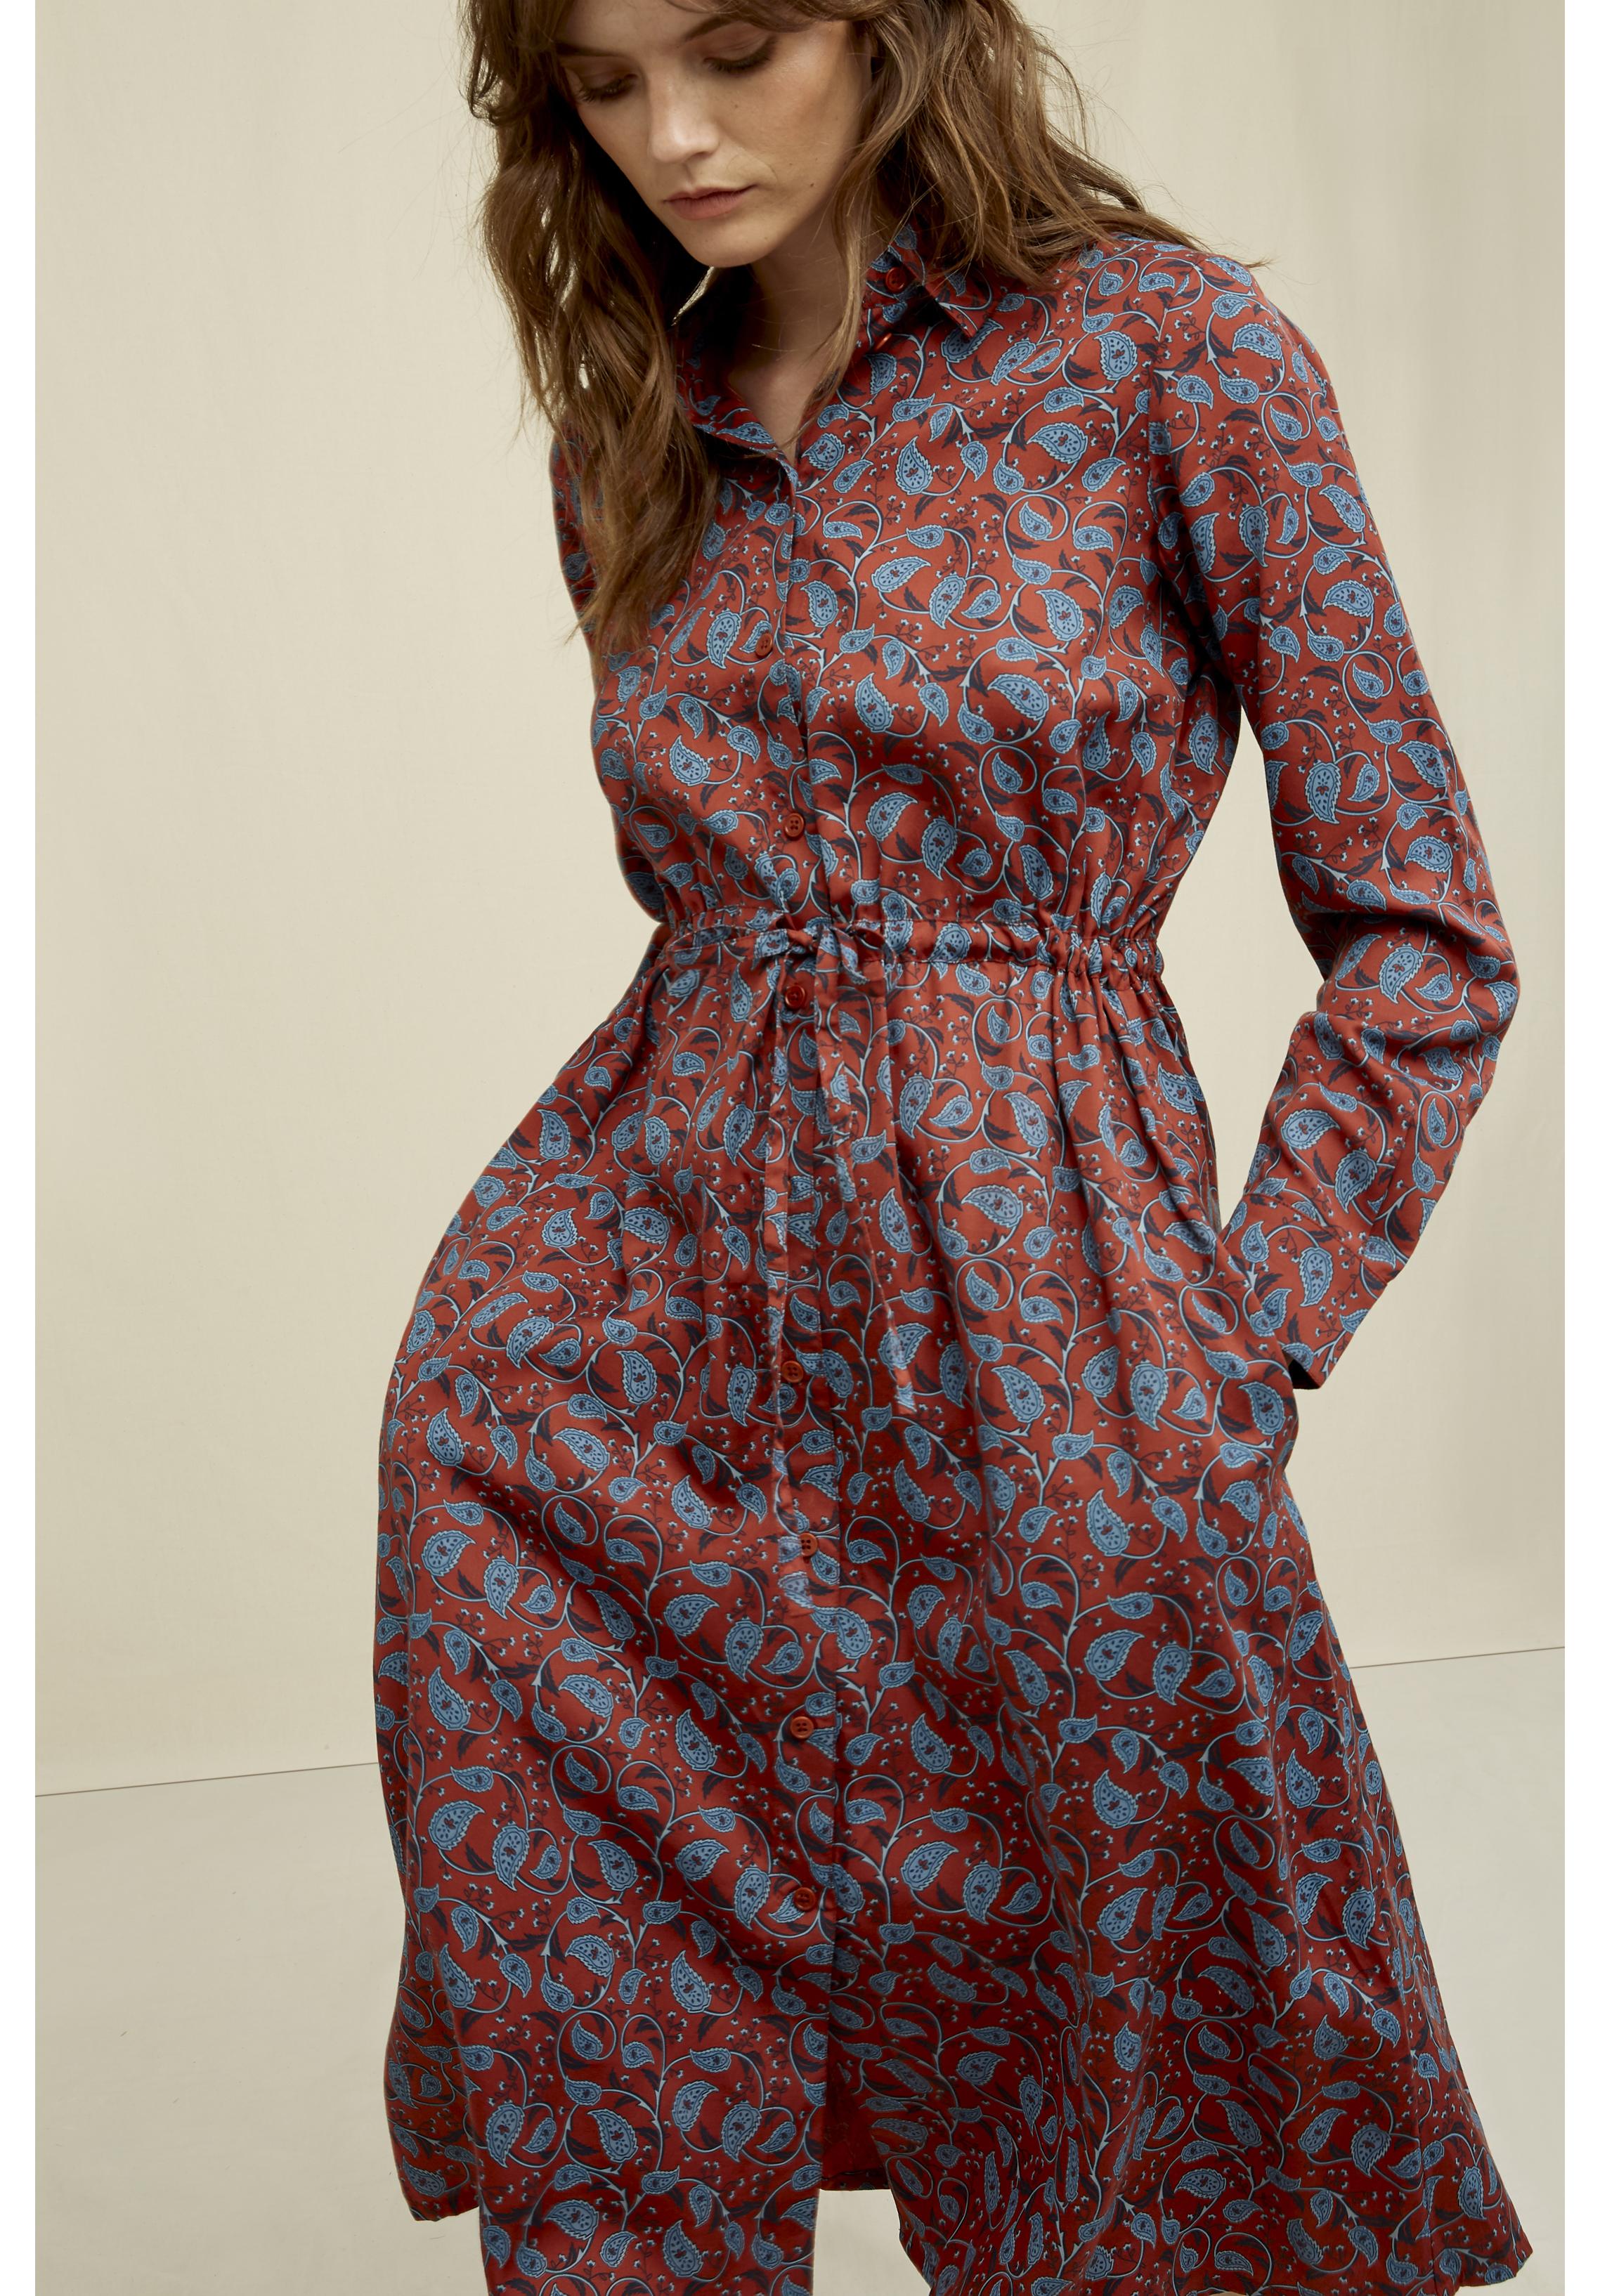 Aislinn Paisley Shirt Dress